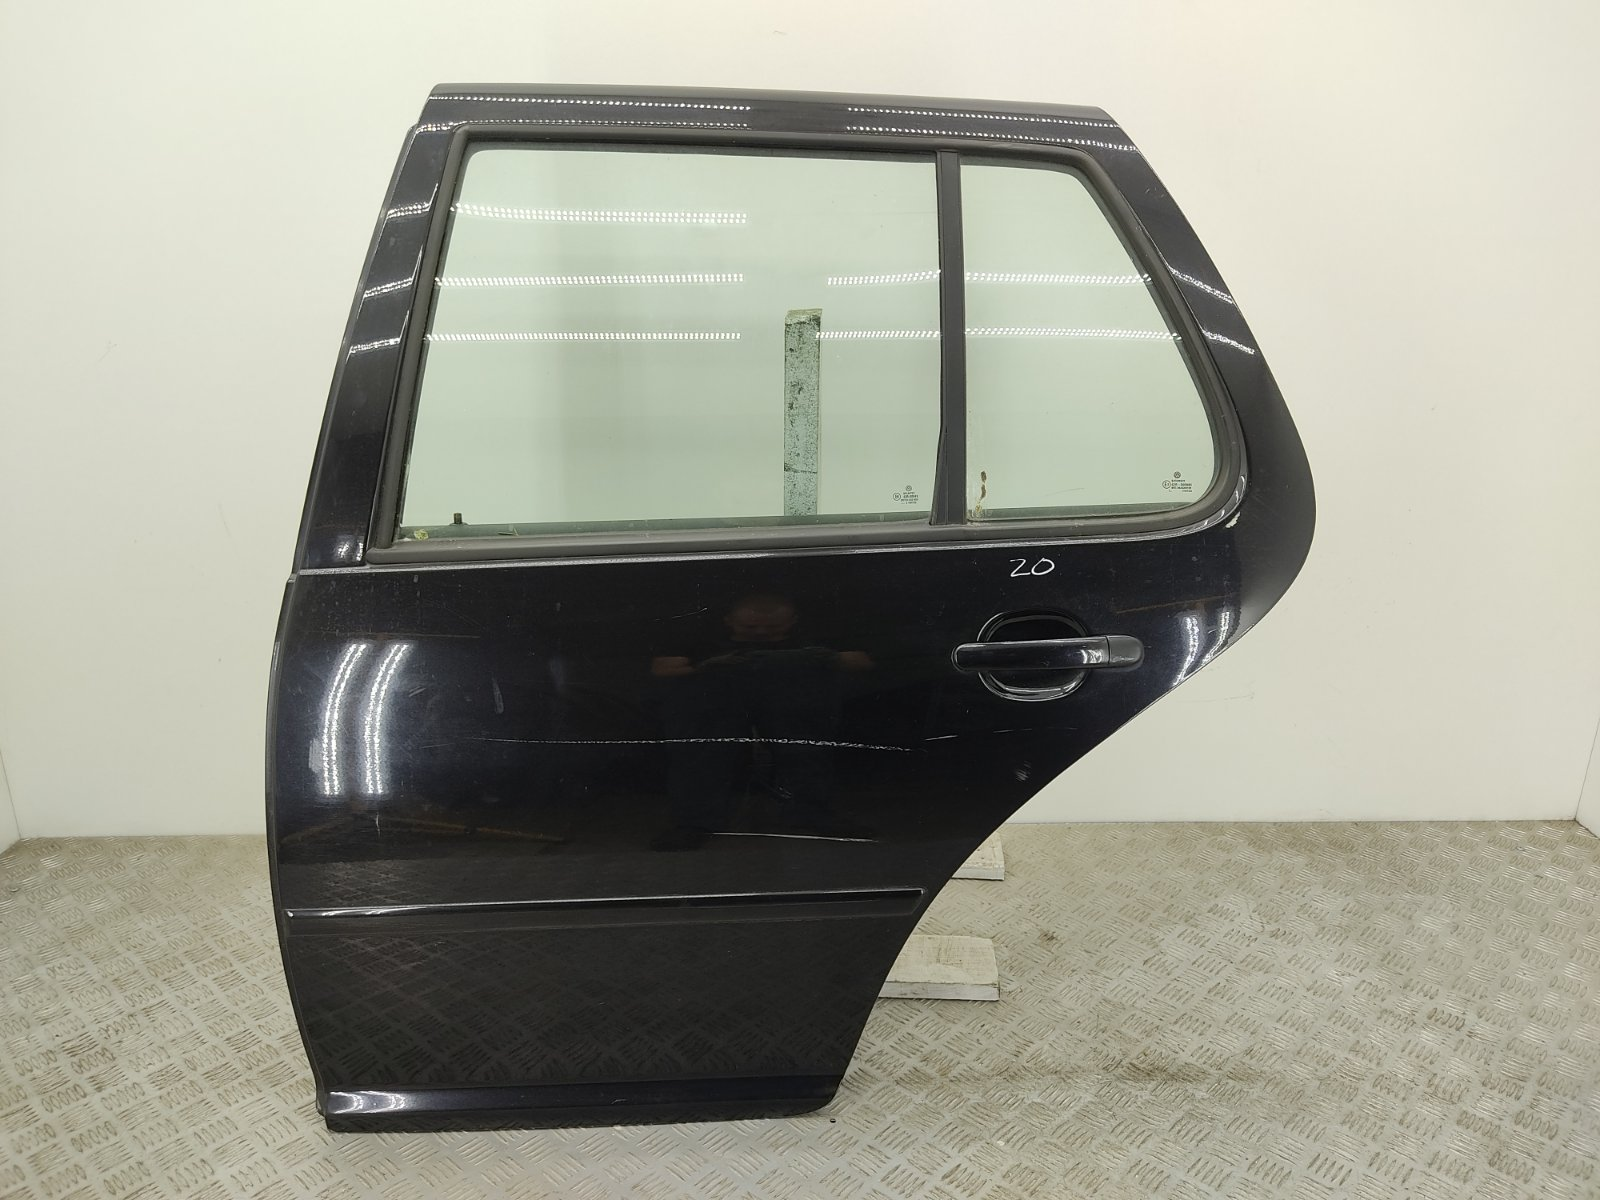 Дверь задняя левая Volkswagen Golf 4 2.3 I 2002 (б/у)